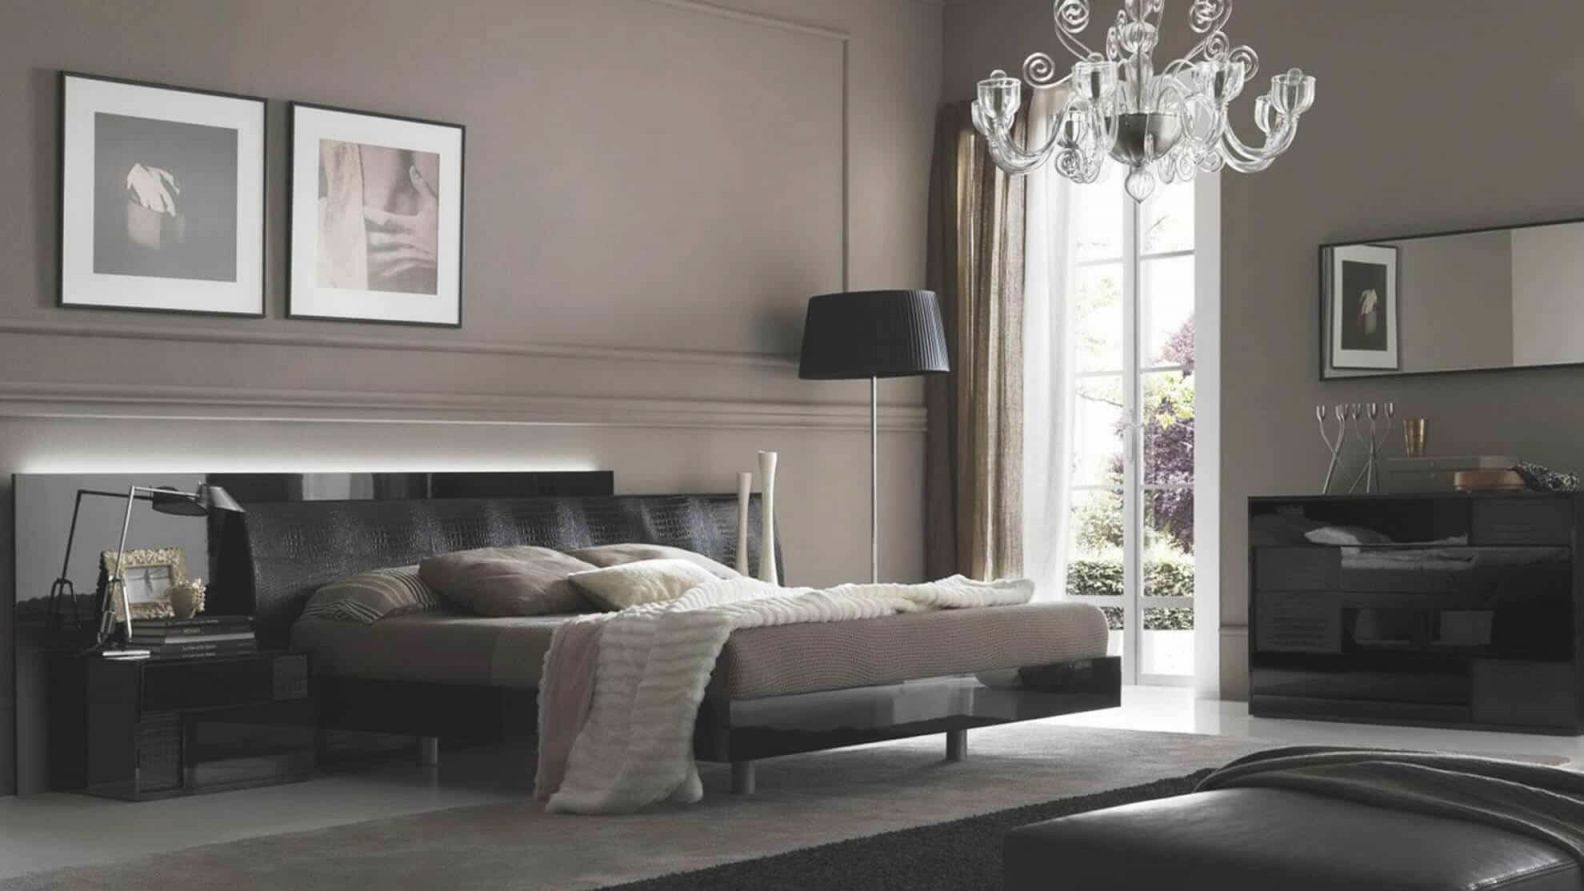 Masculine Bedroom Decor — Gentleman's Gazette with regard to Black And Grey Bedroom Decorating Ideas